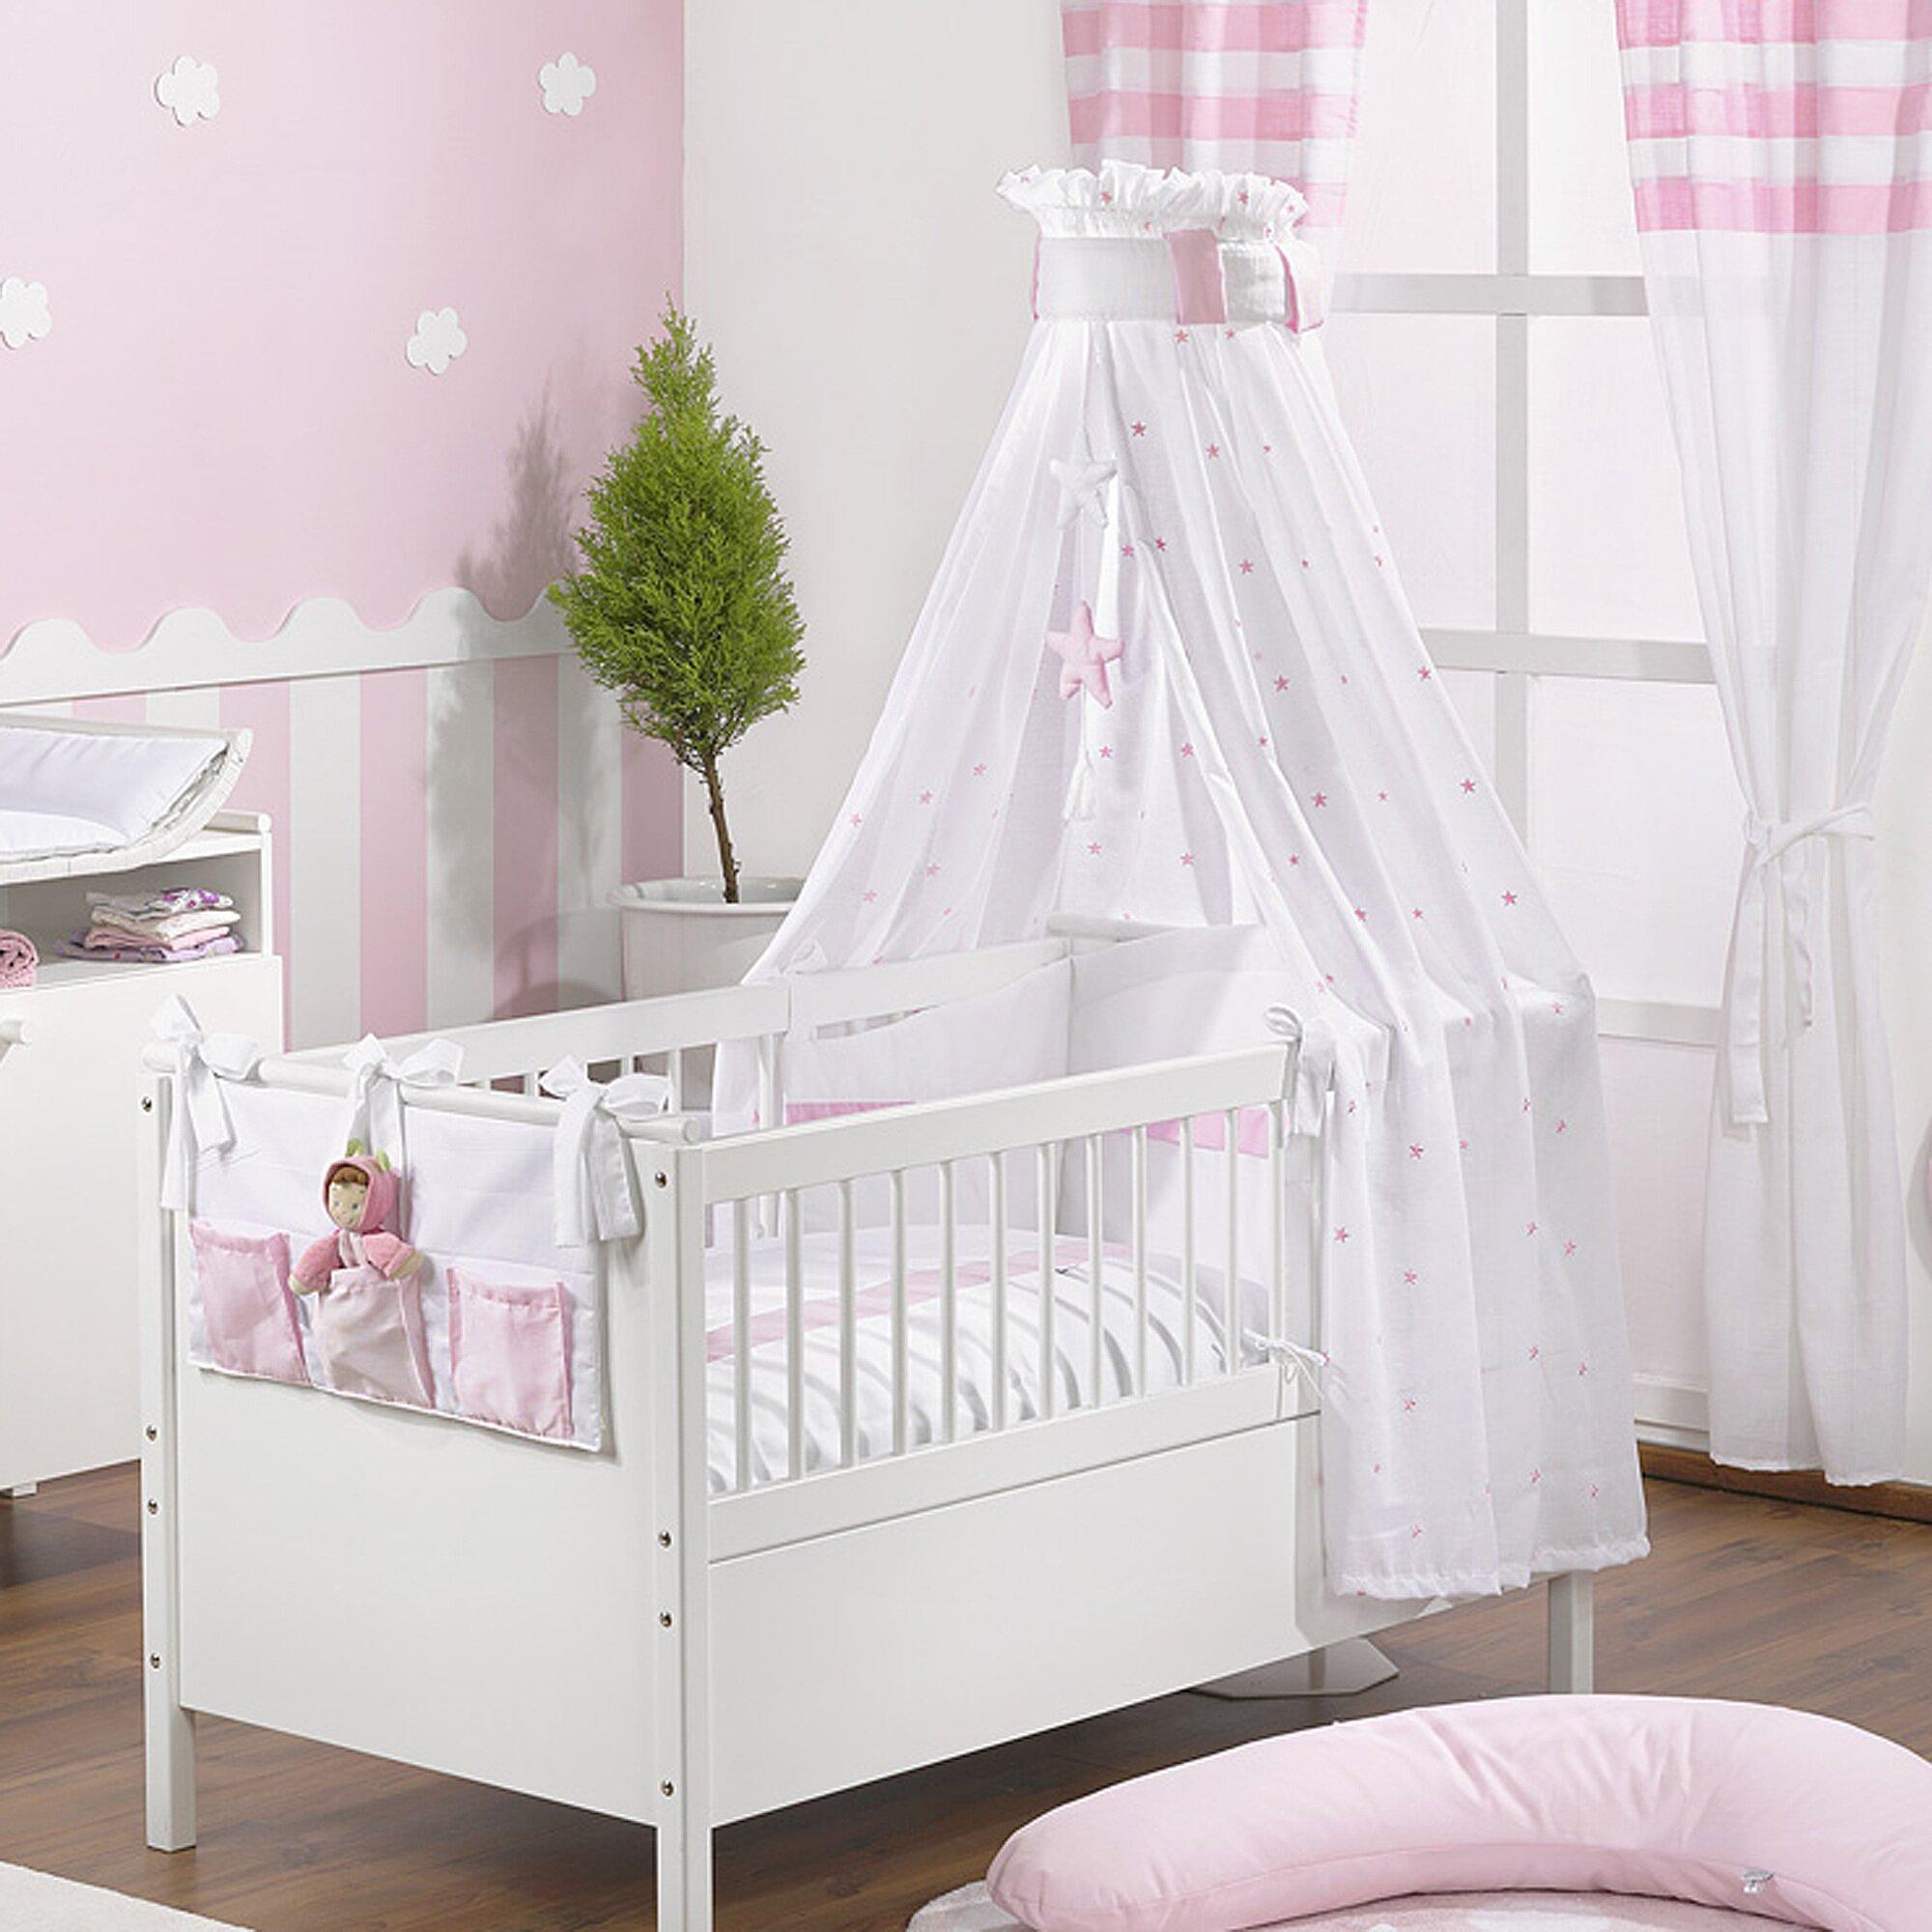 christiane-wegner-4-tlg-babybettausstattung-bambina-weiss